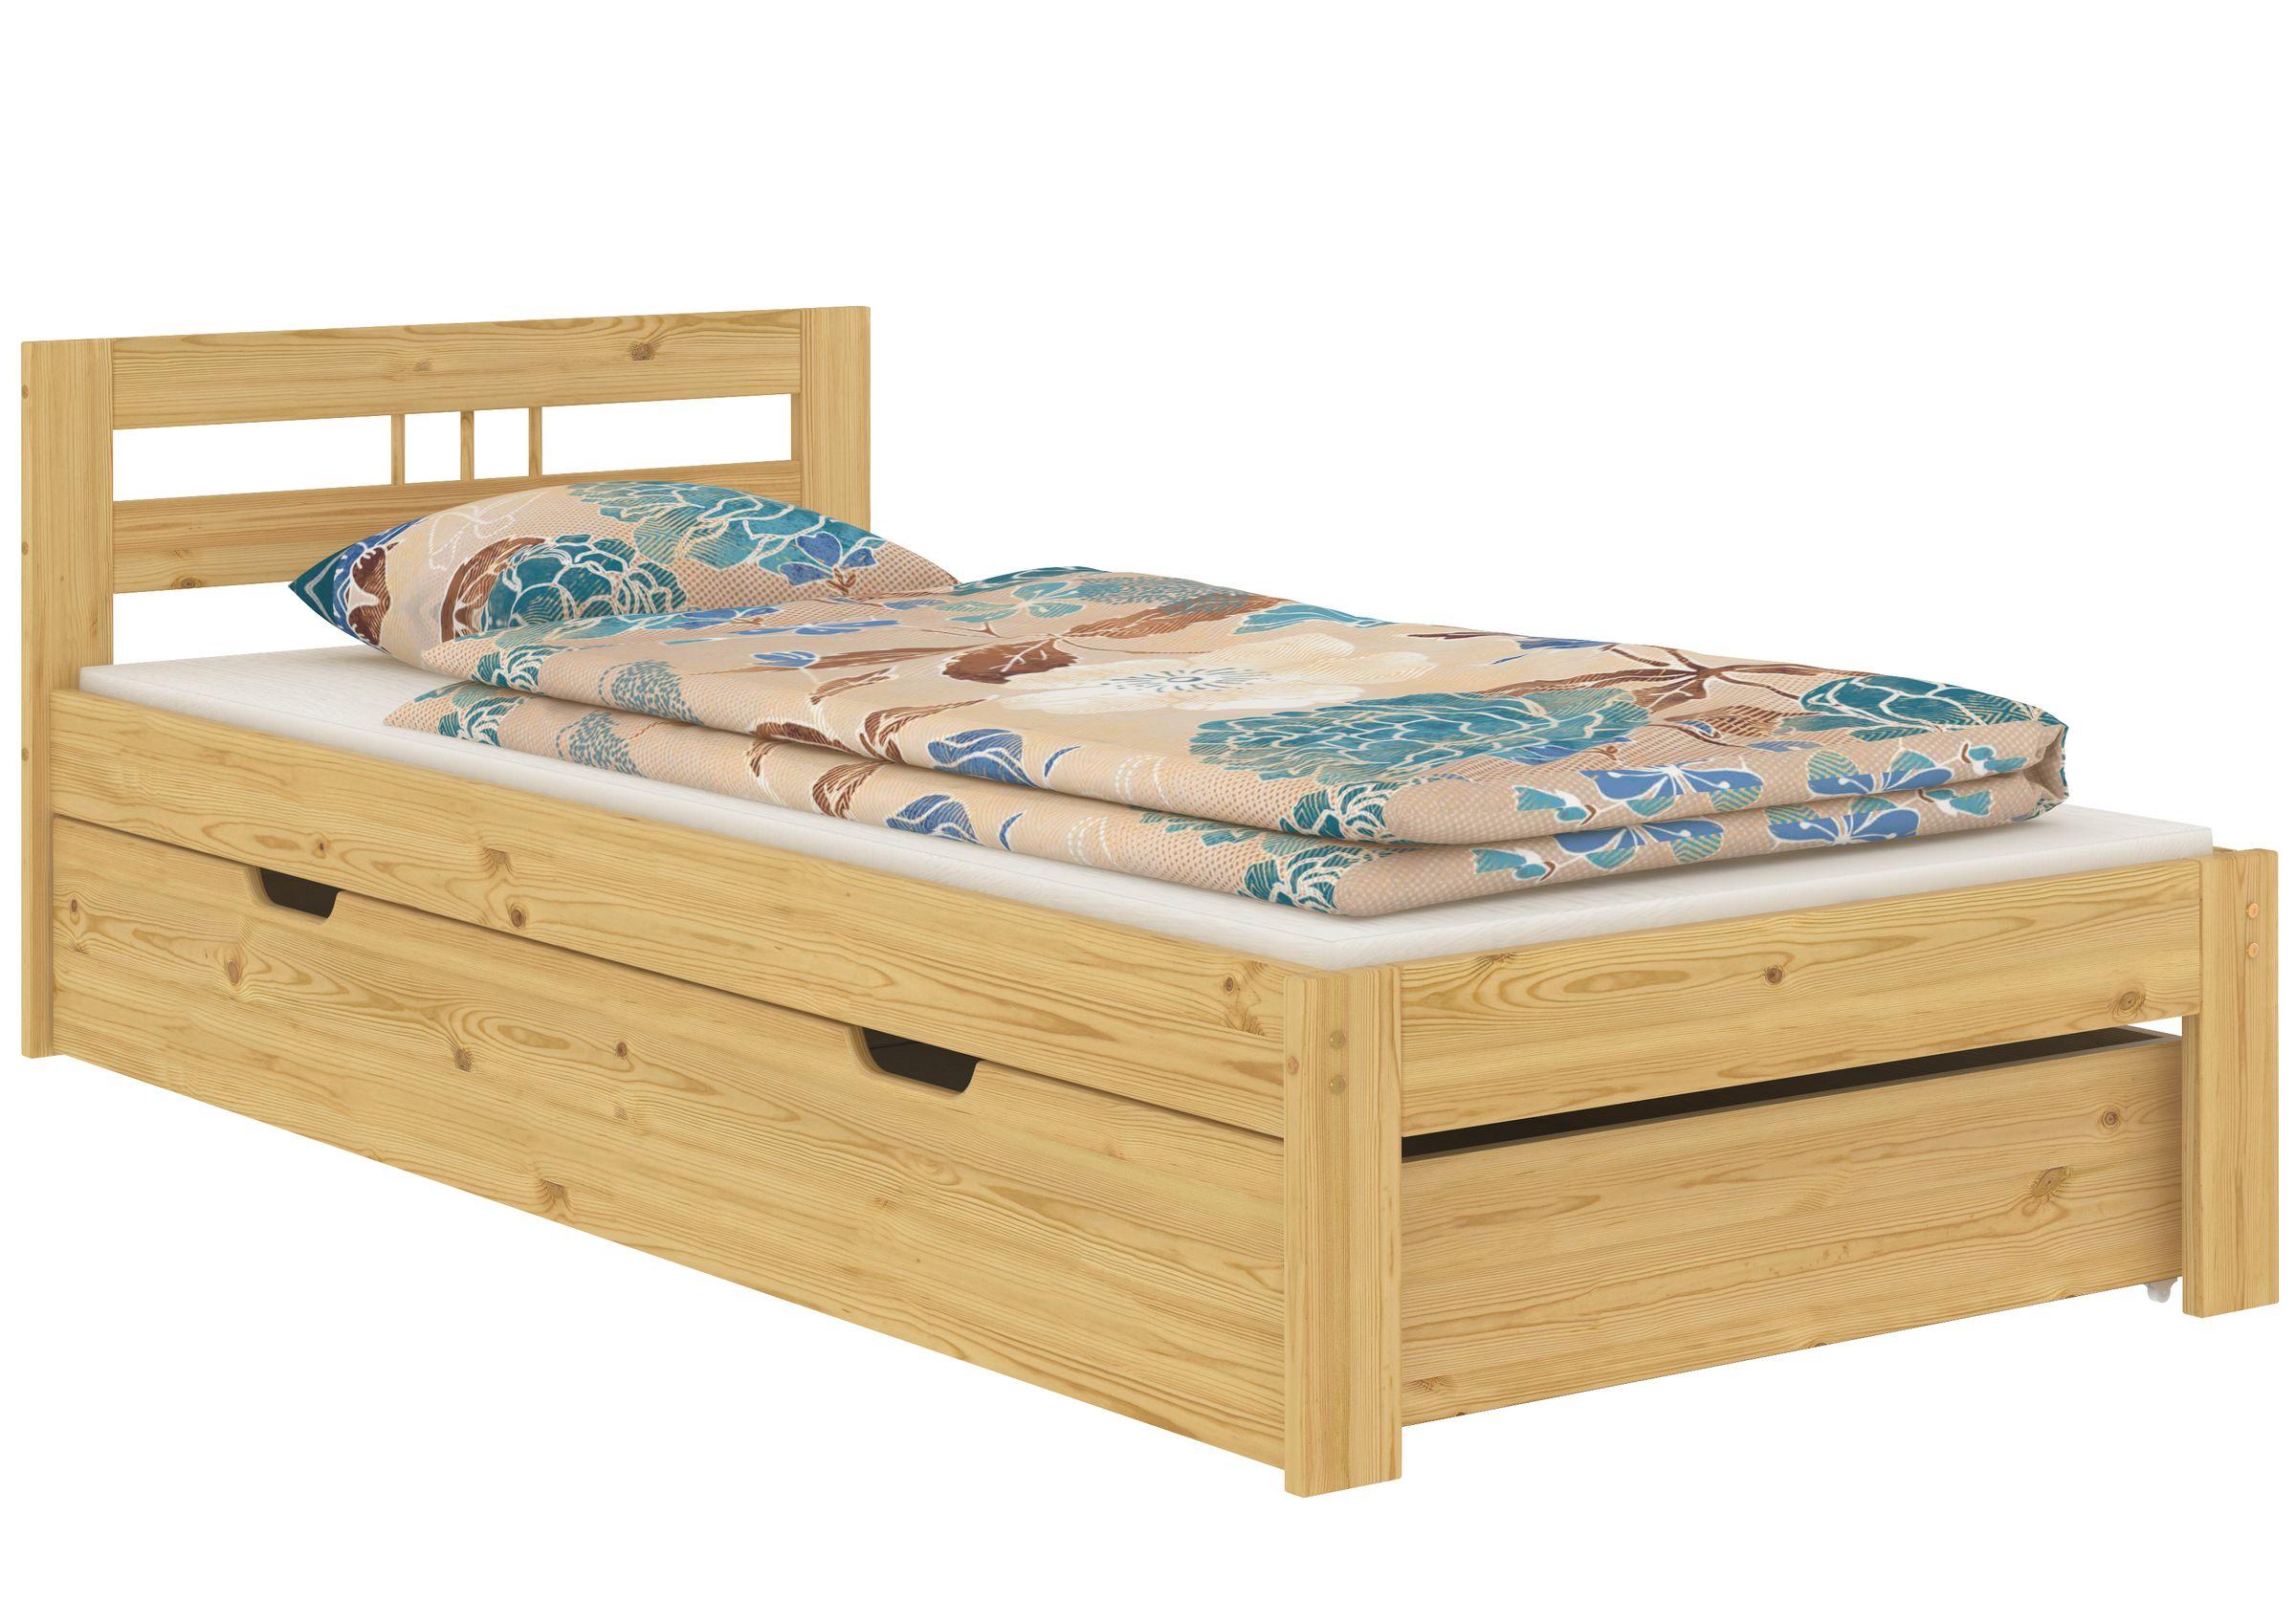 Full Size of Bett Naturholz 100x200 Zuhause Betten Weiß Wohnzimmer Futonbett 100x200